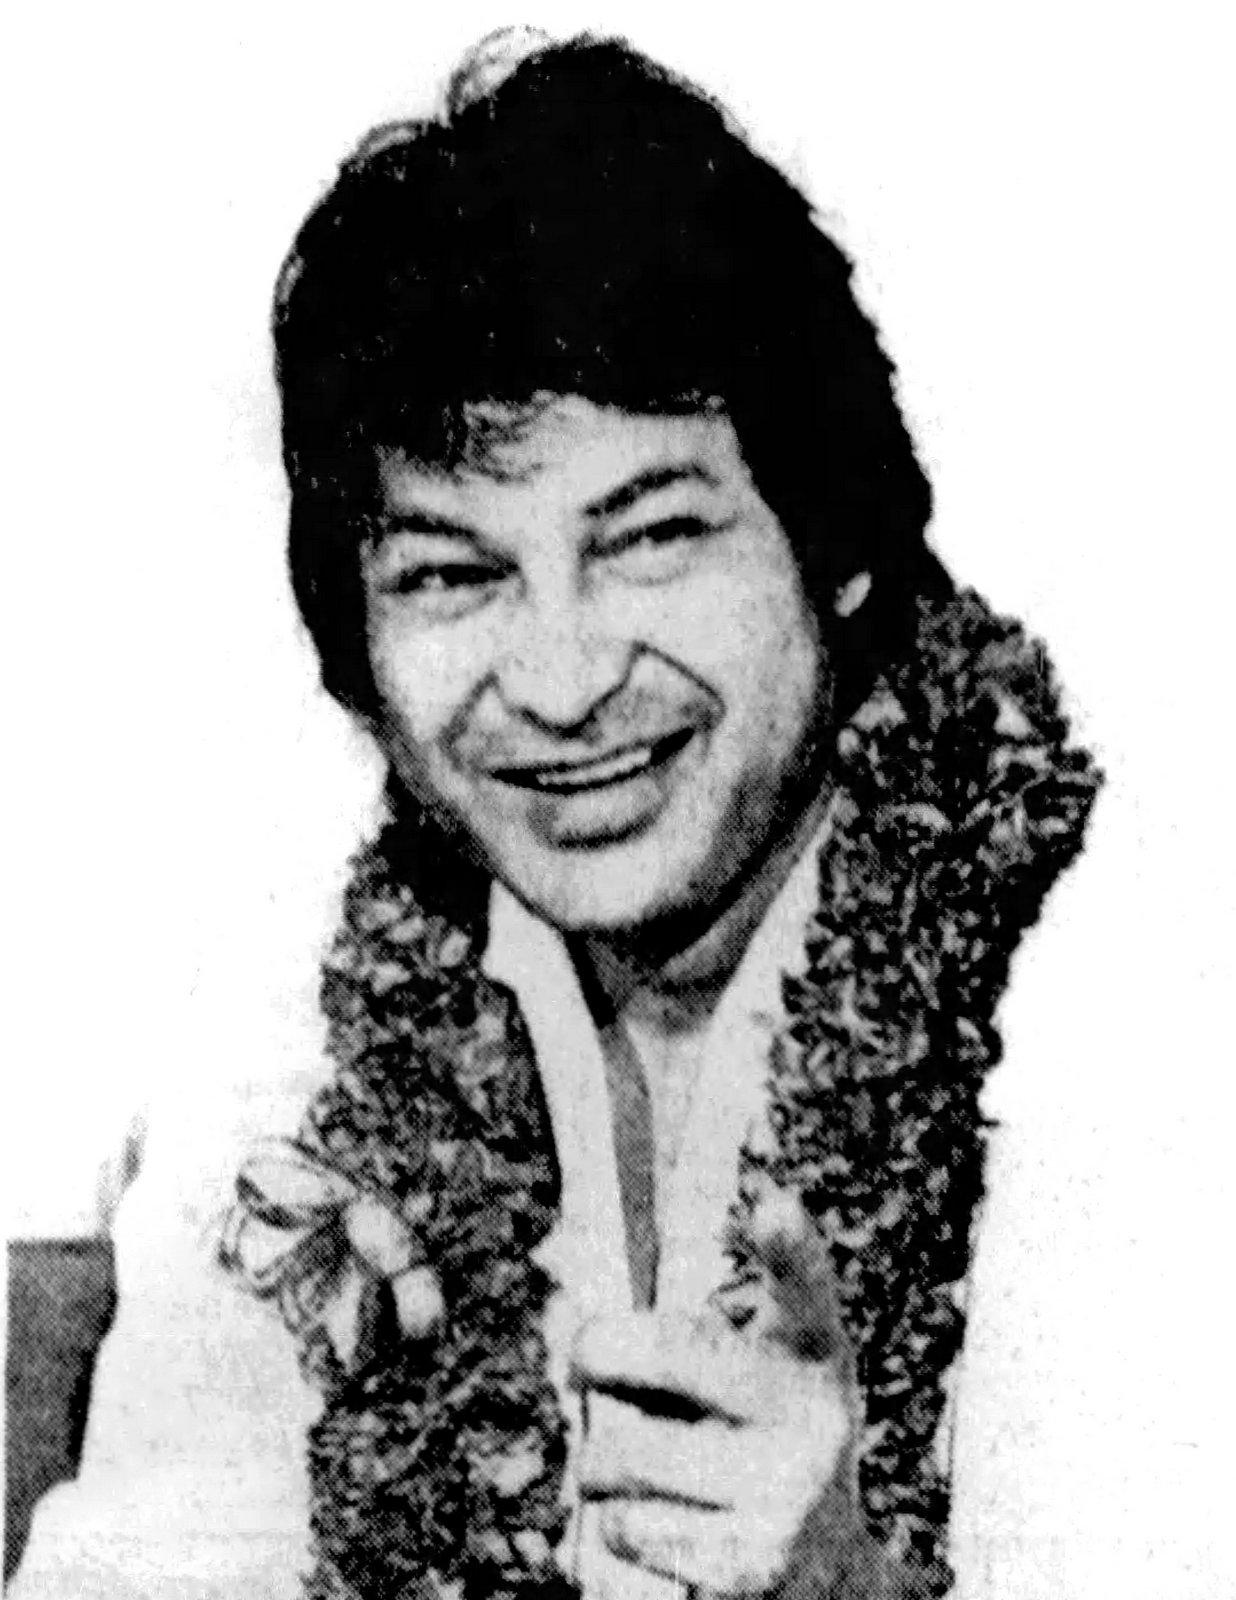 Don Ho in 1970